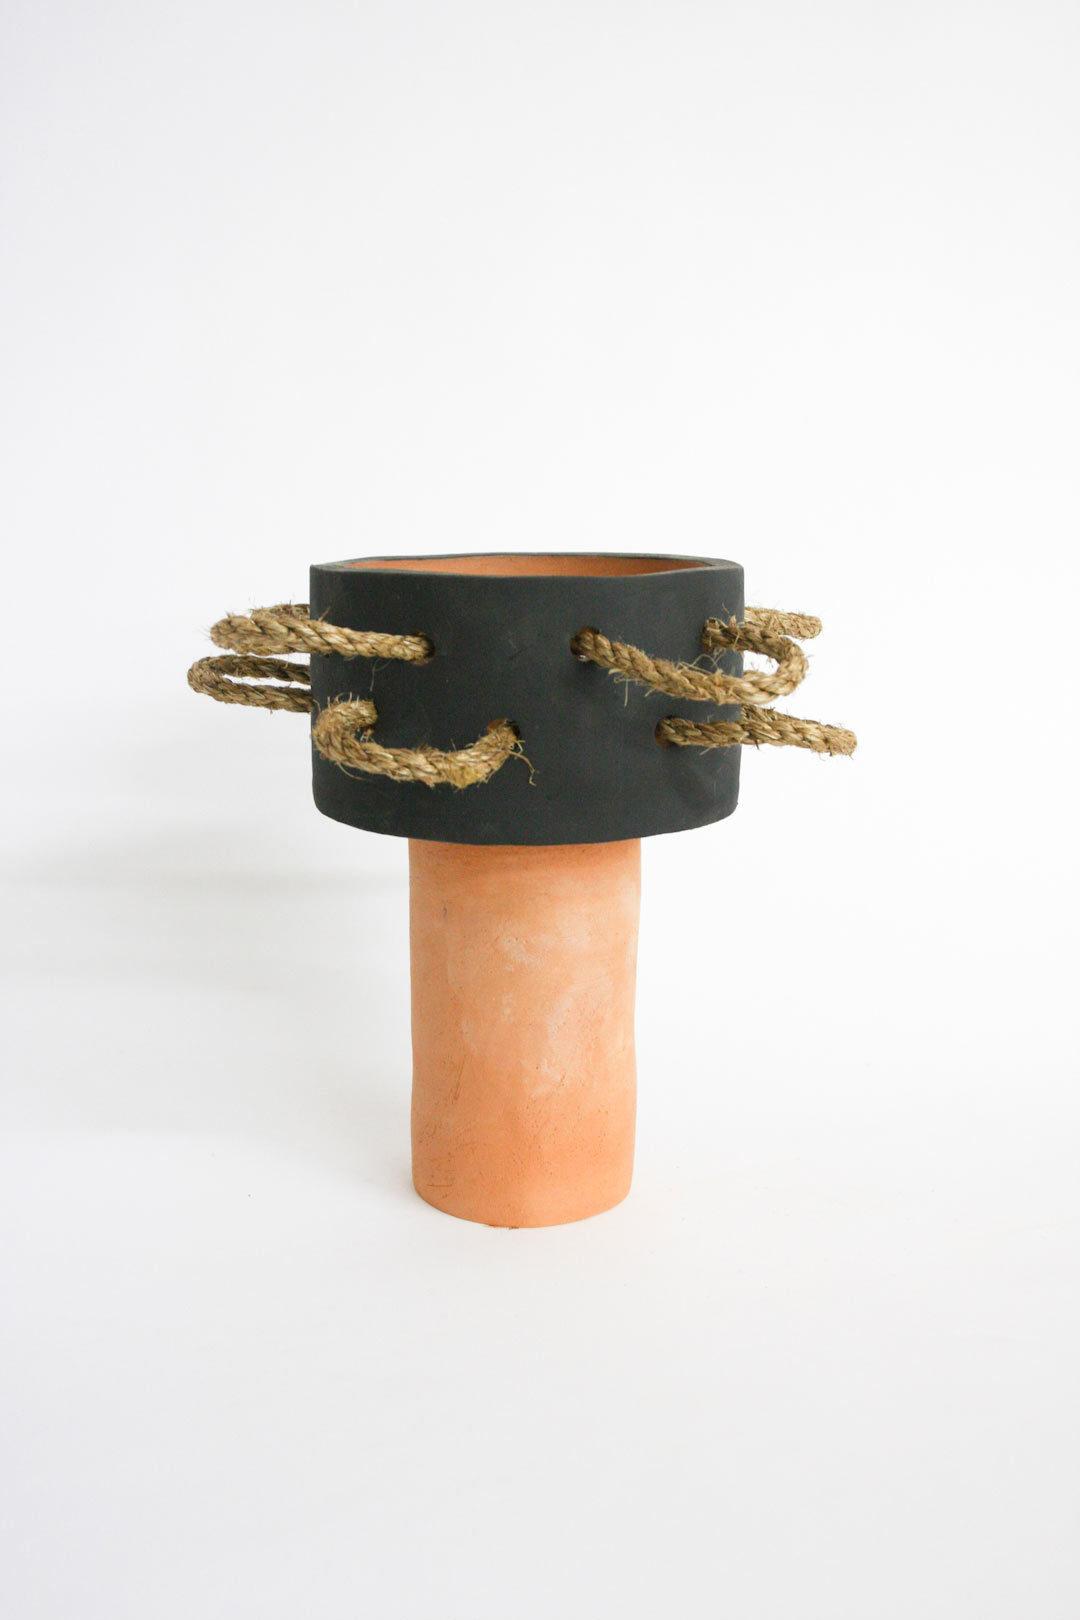 2016-gift-guide-handmade-6-bzippy-rope-vase